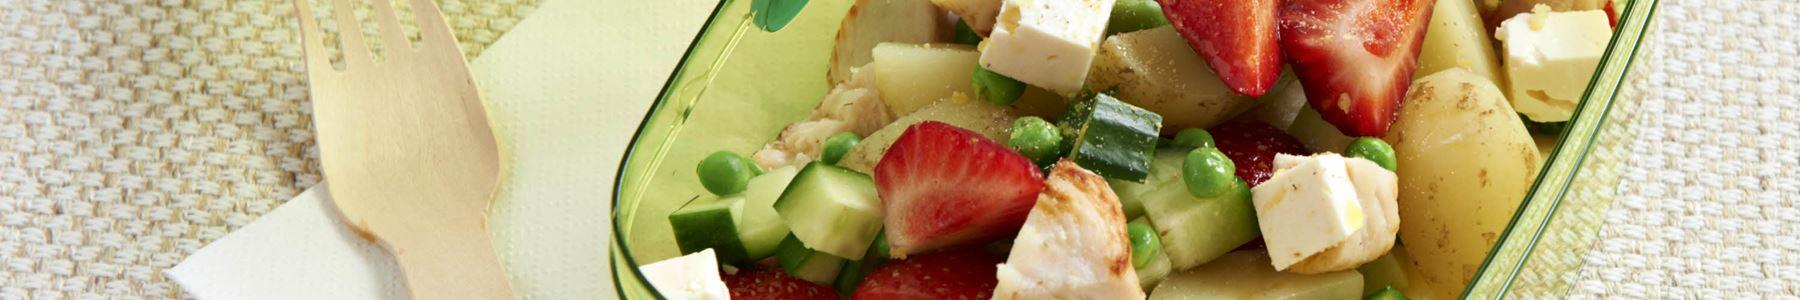 Fedtfattig + Jordbær + Madpakke